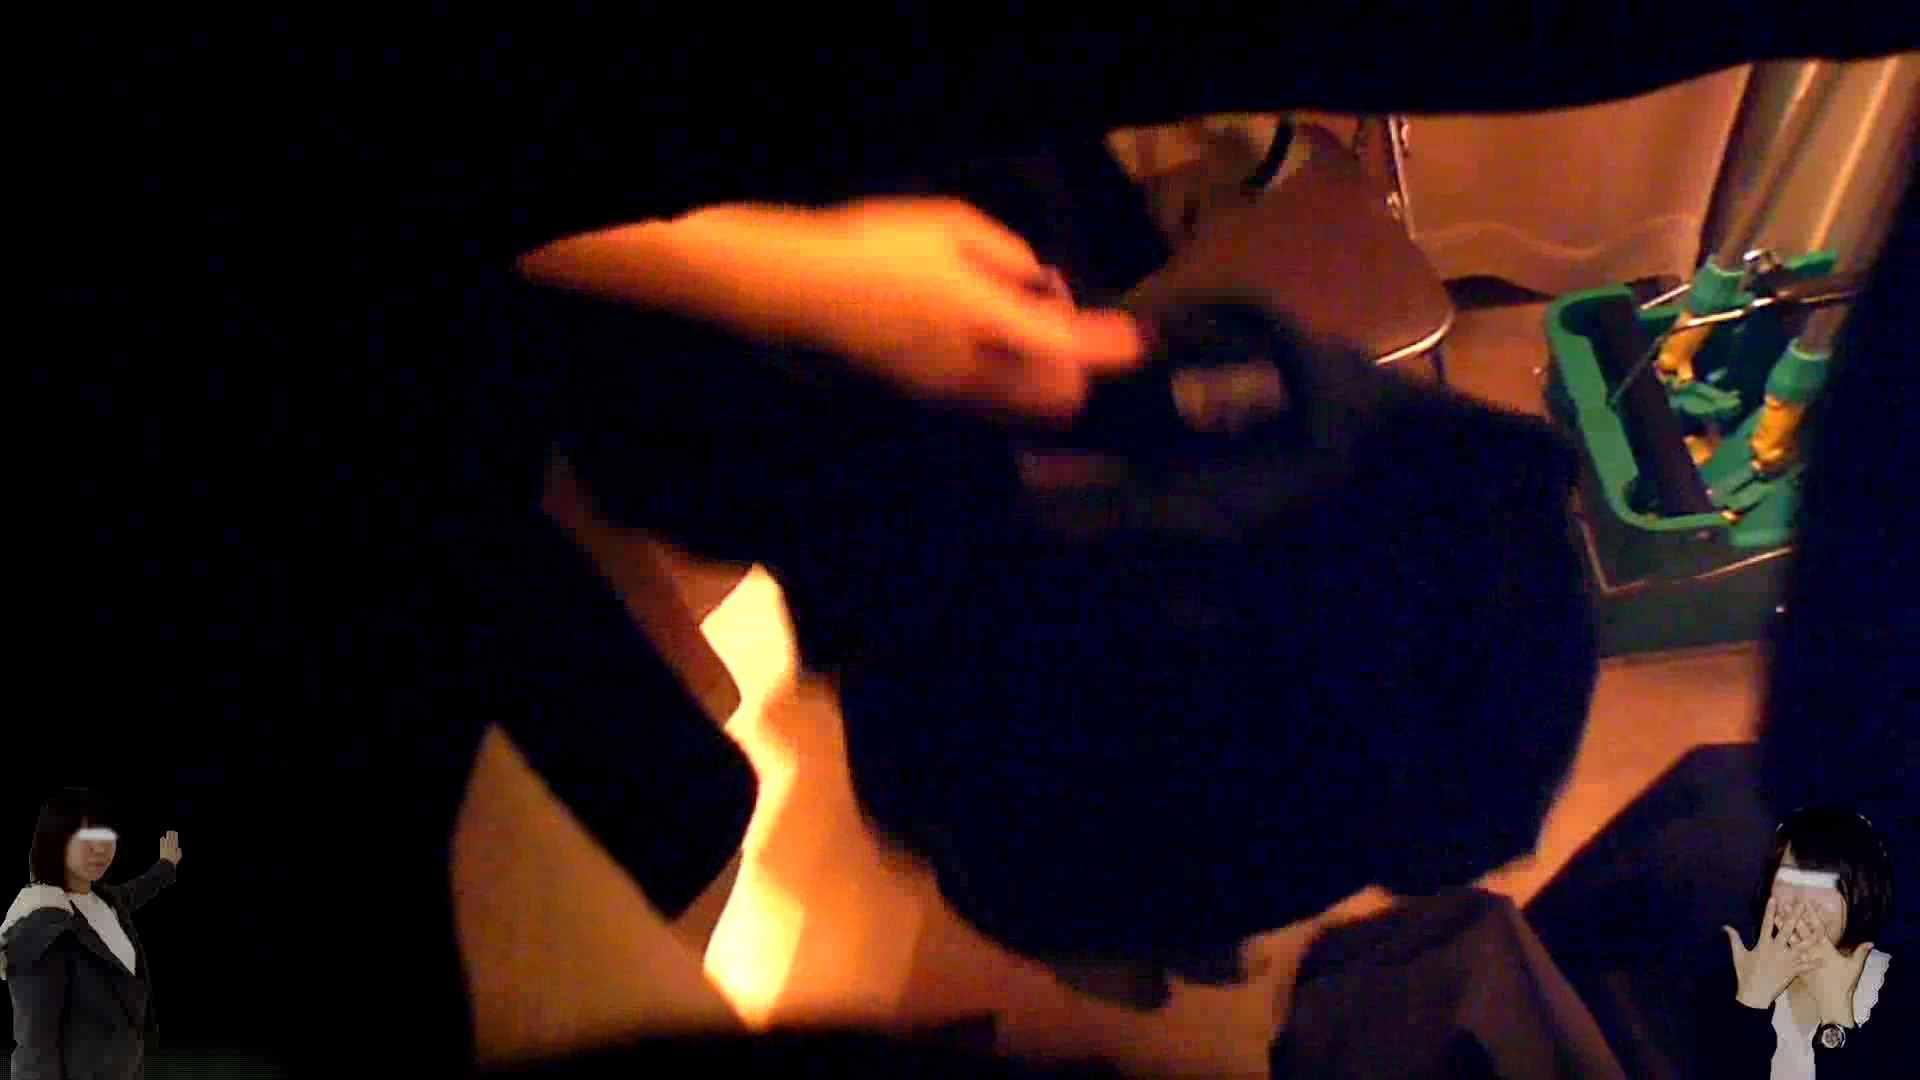 素人投稿 現役「JD」Eちゃんの着替え Vol.04 素人エロ投稿 盗撮動画紹介 60画像 59